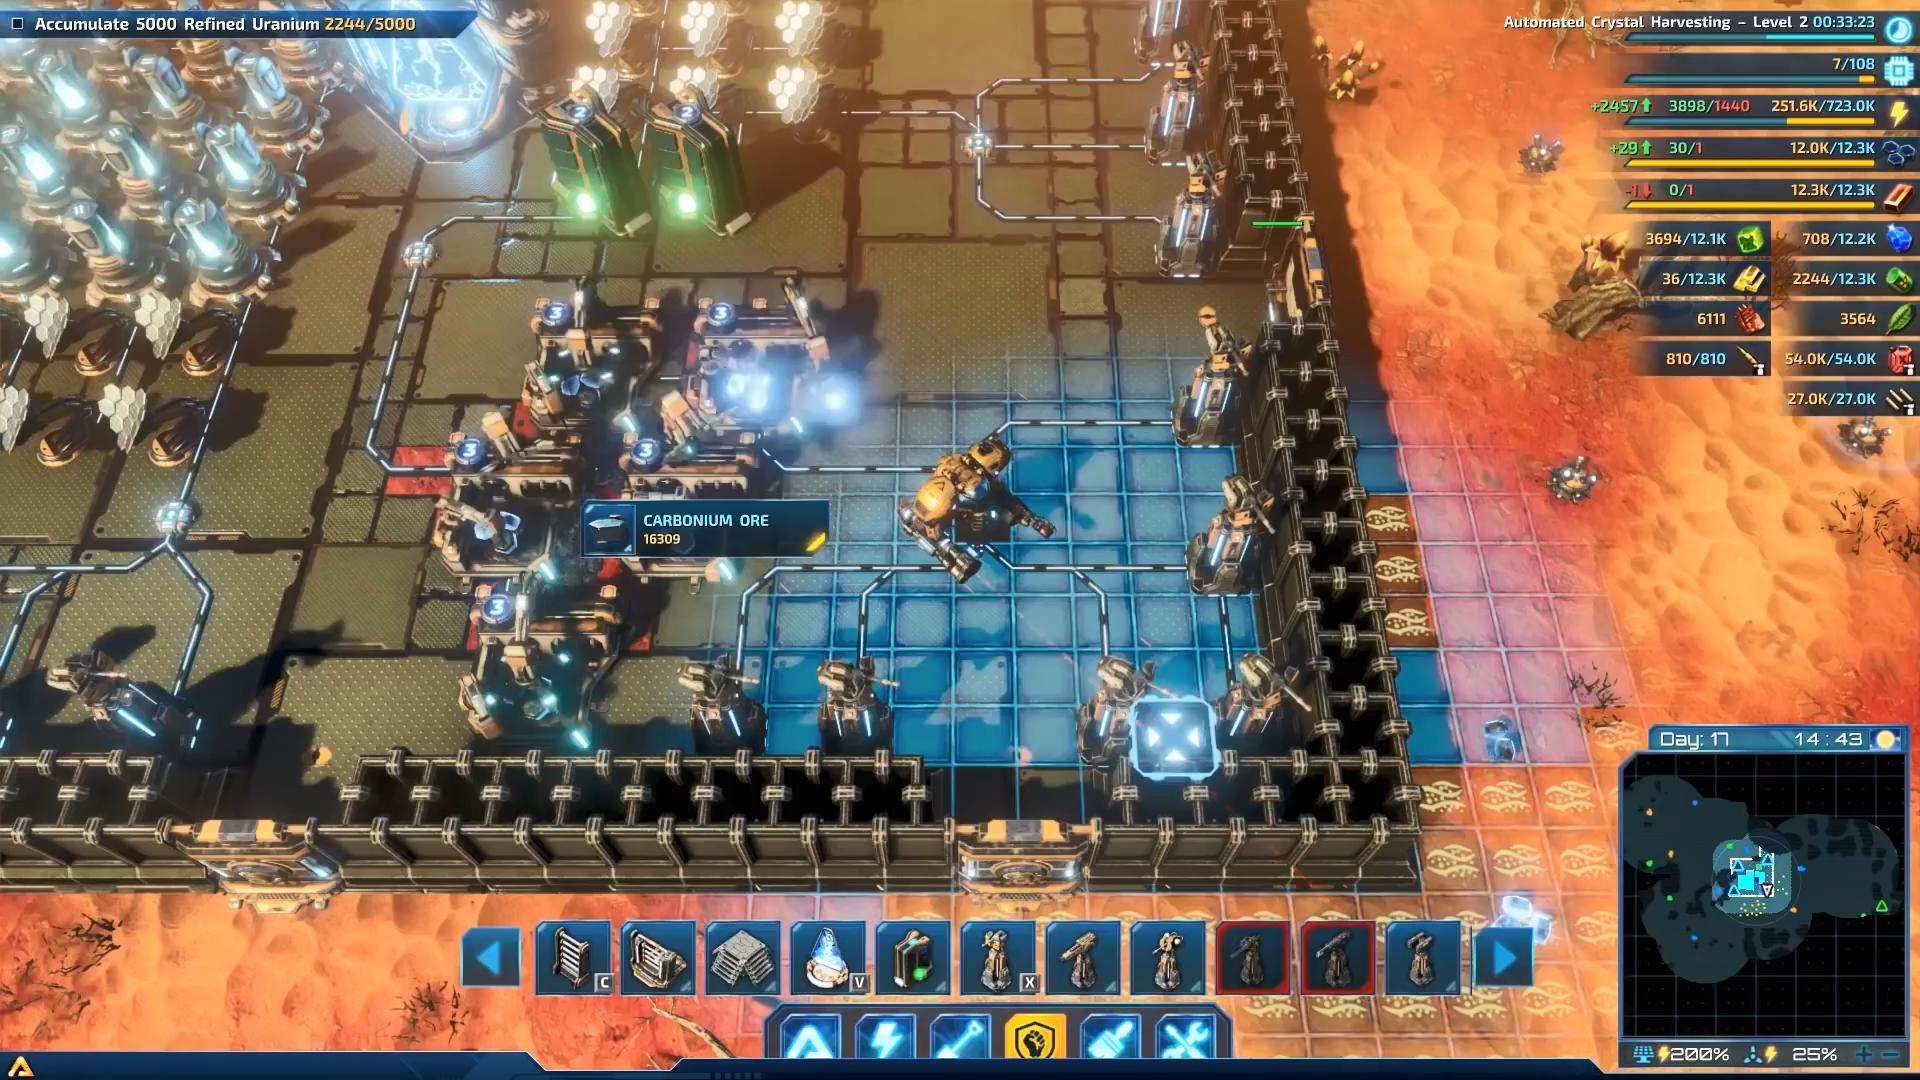 《银河破裂者》发布开发者战役解说影片 将登陆主机和PC